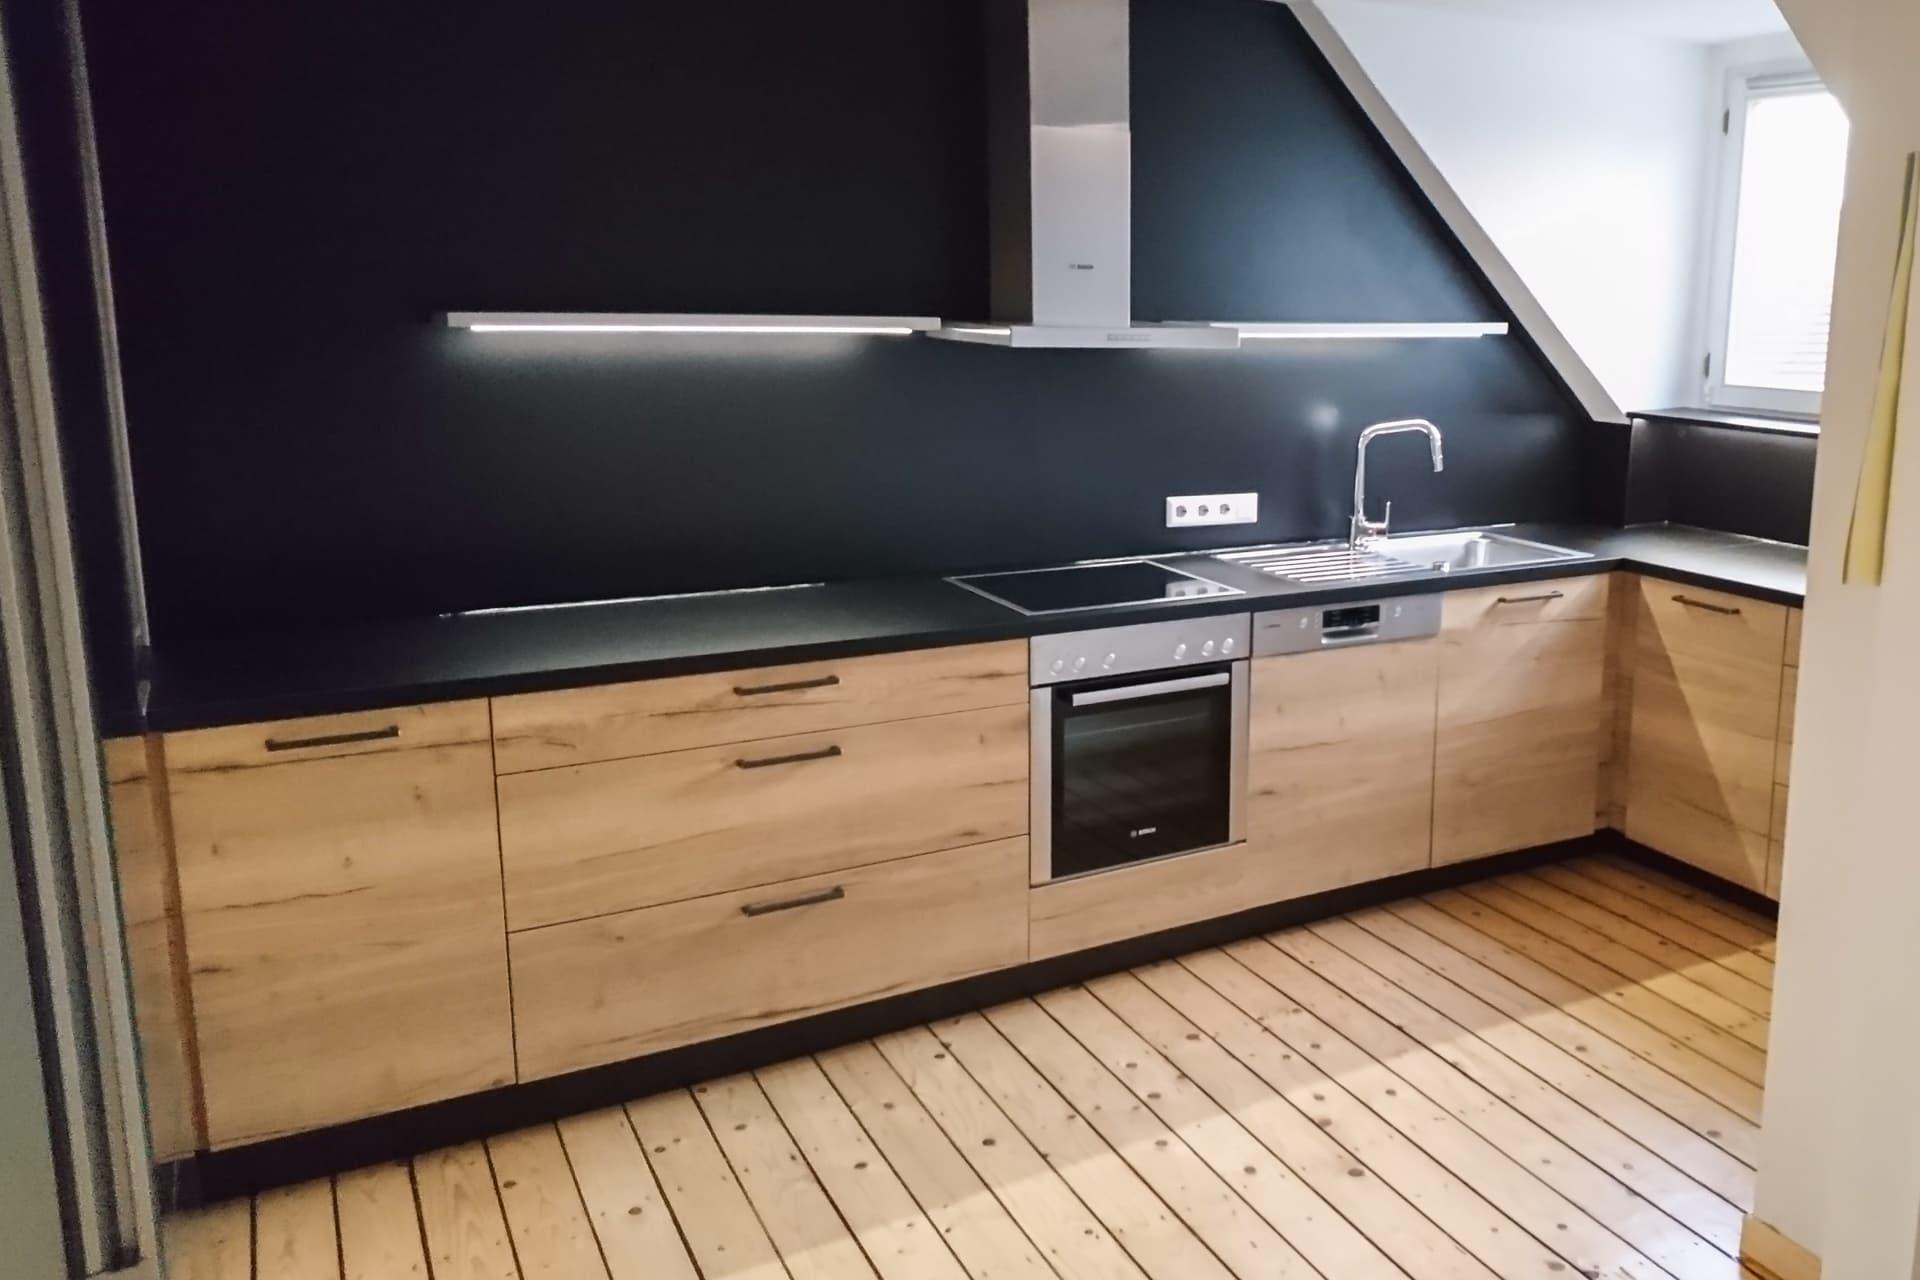 Bild: Tischlerei Gebrüder Stamen GbR - Küchen